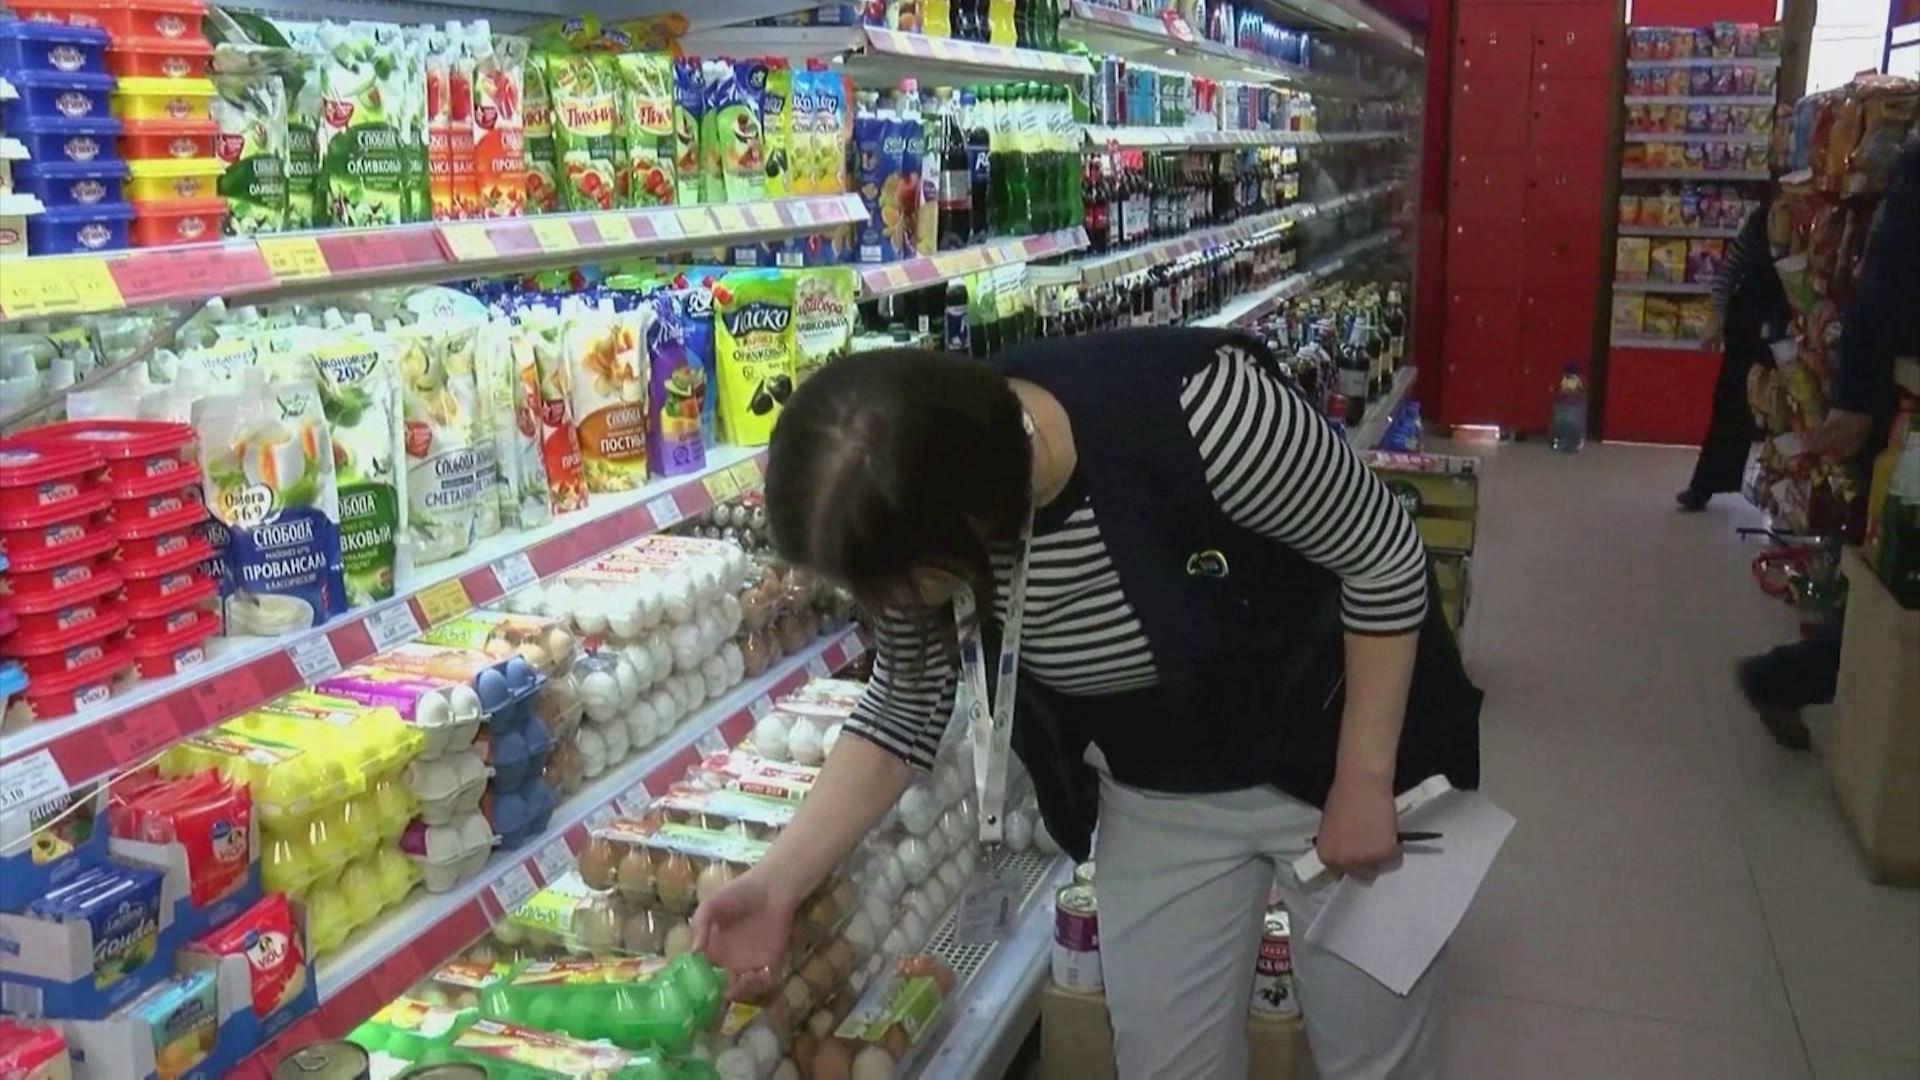 სურსათის ეროვნული სააგენტო: კვერცხის ადგილობრივი საწარმოები და სავაჭრო ობიექტები მოთხოვნებს აკმაყოფილებენ